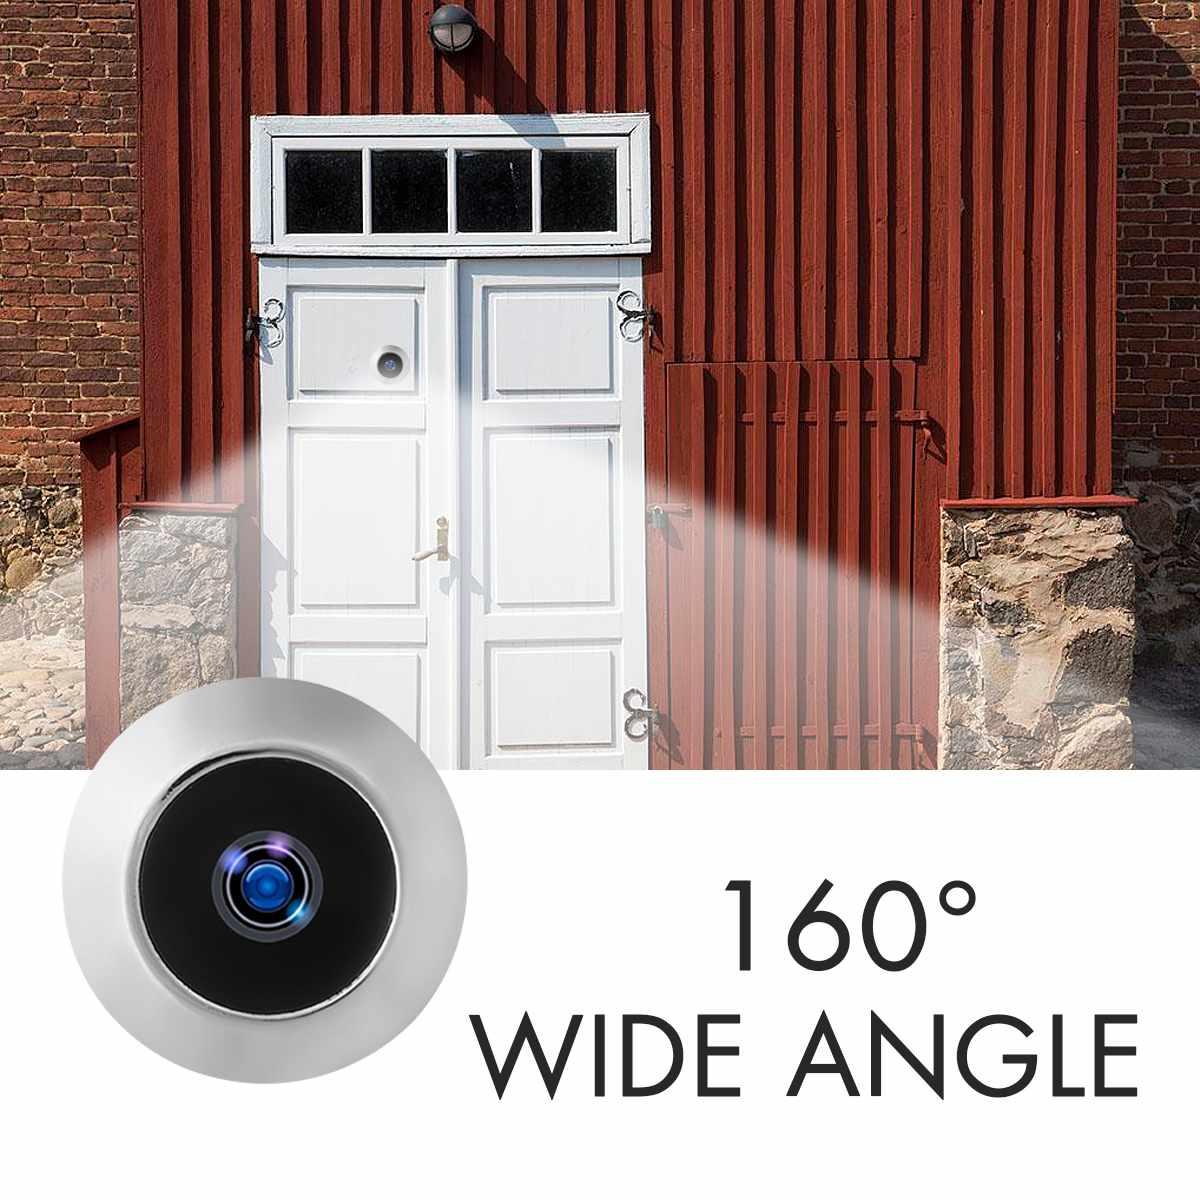 ANPWOO Digital LCD 2.4inch Video Doorbell Peephole Viewer Door Eye Monitoring Camera 160 Degree  Doorbell enlarge